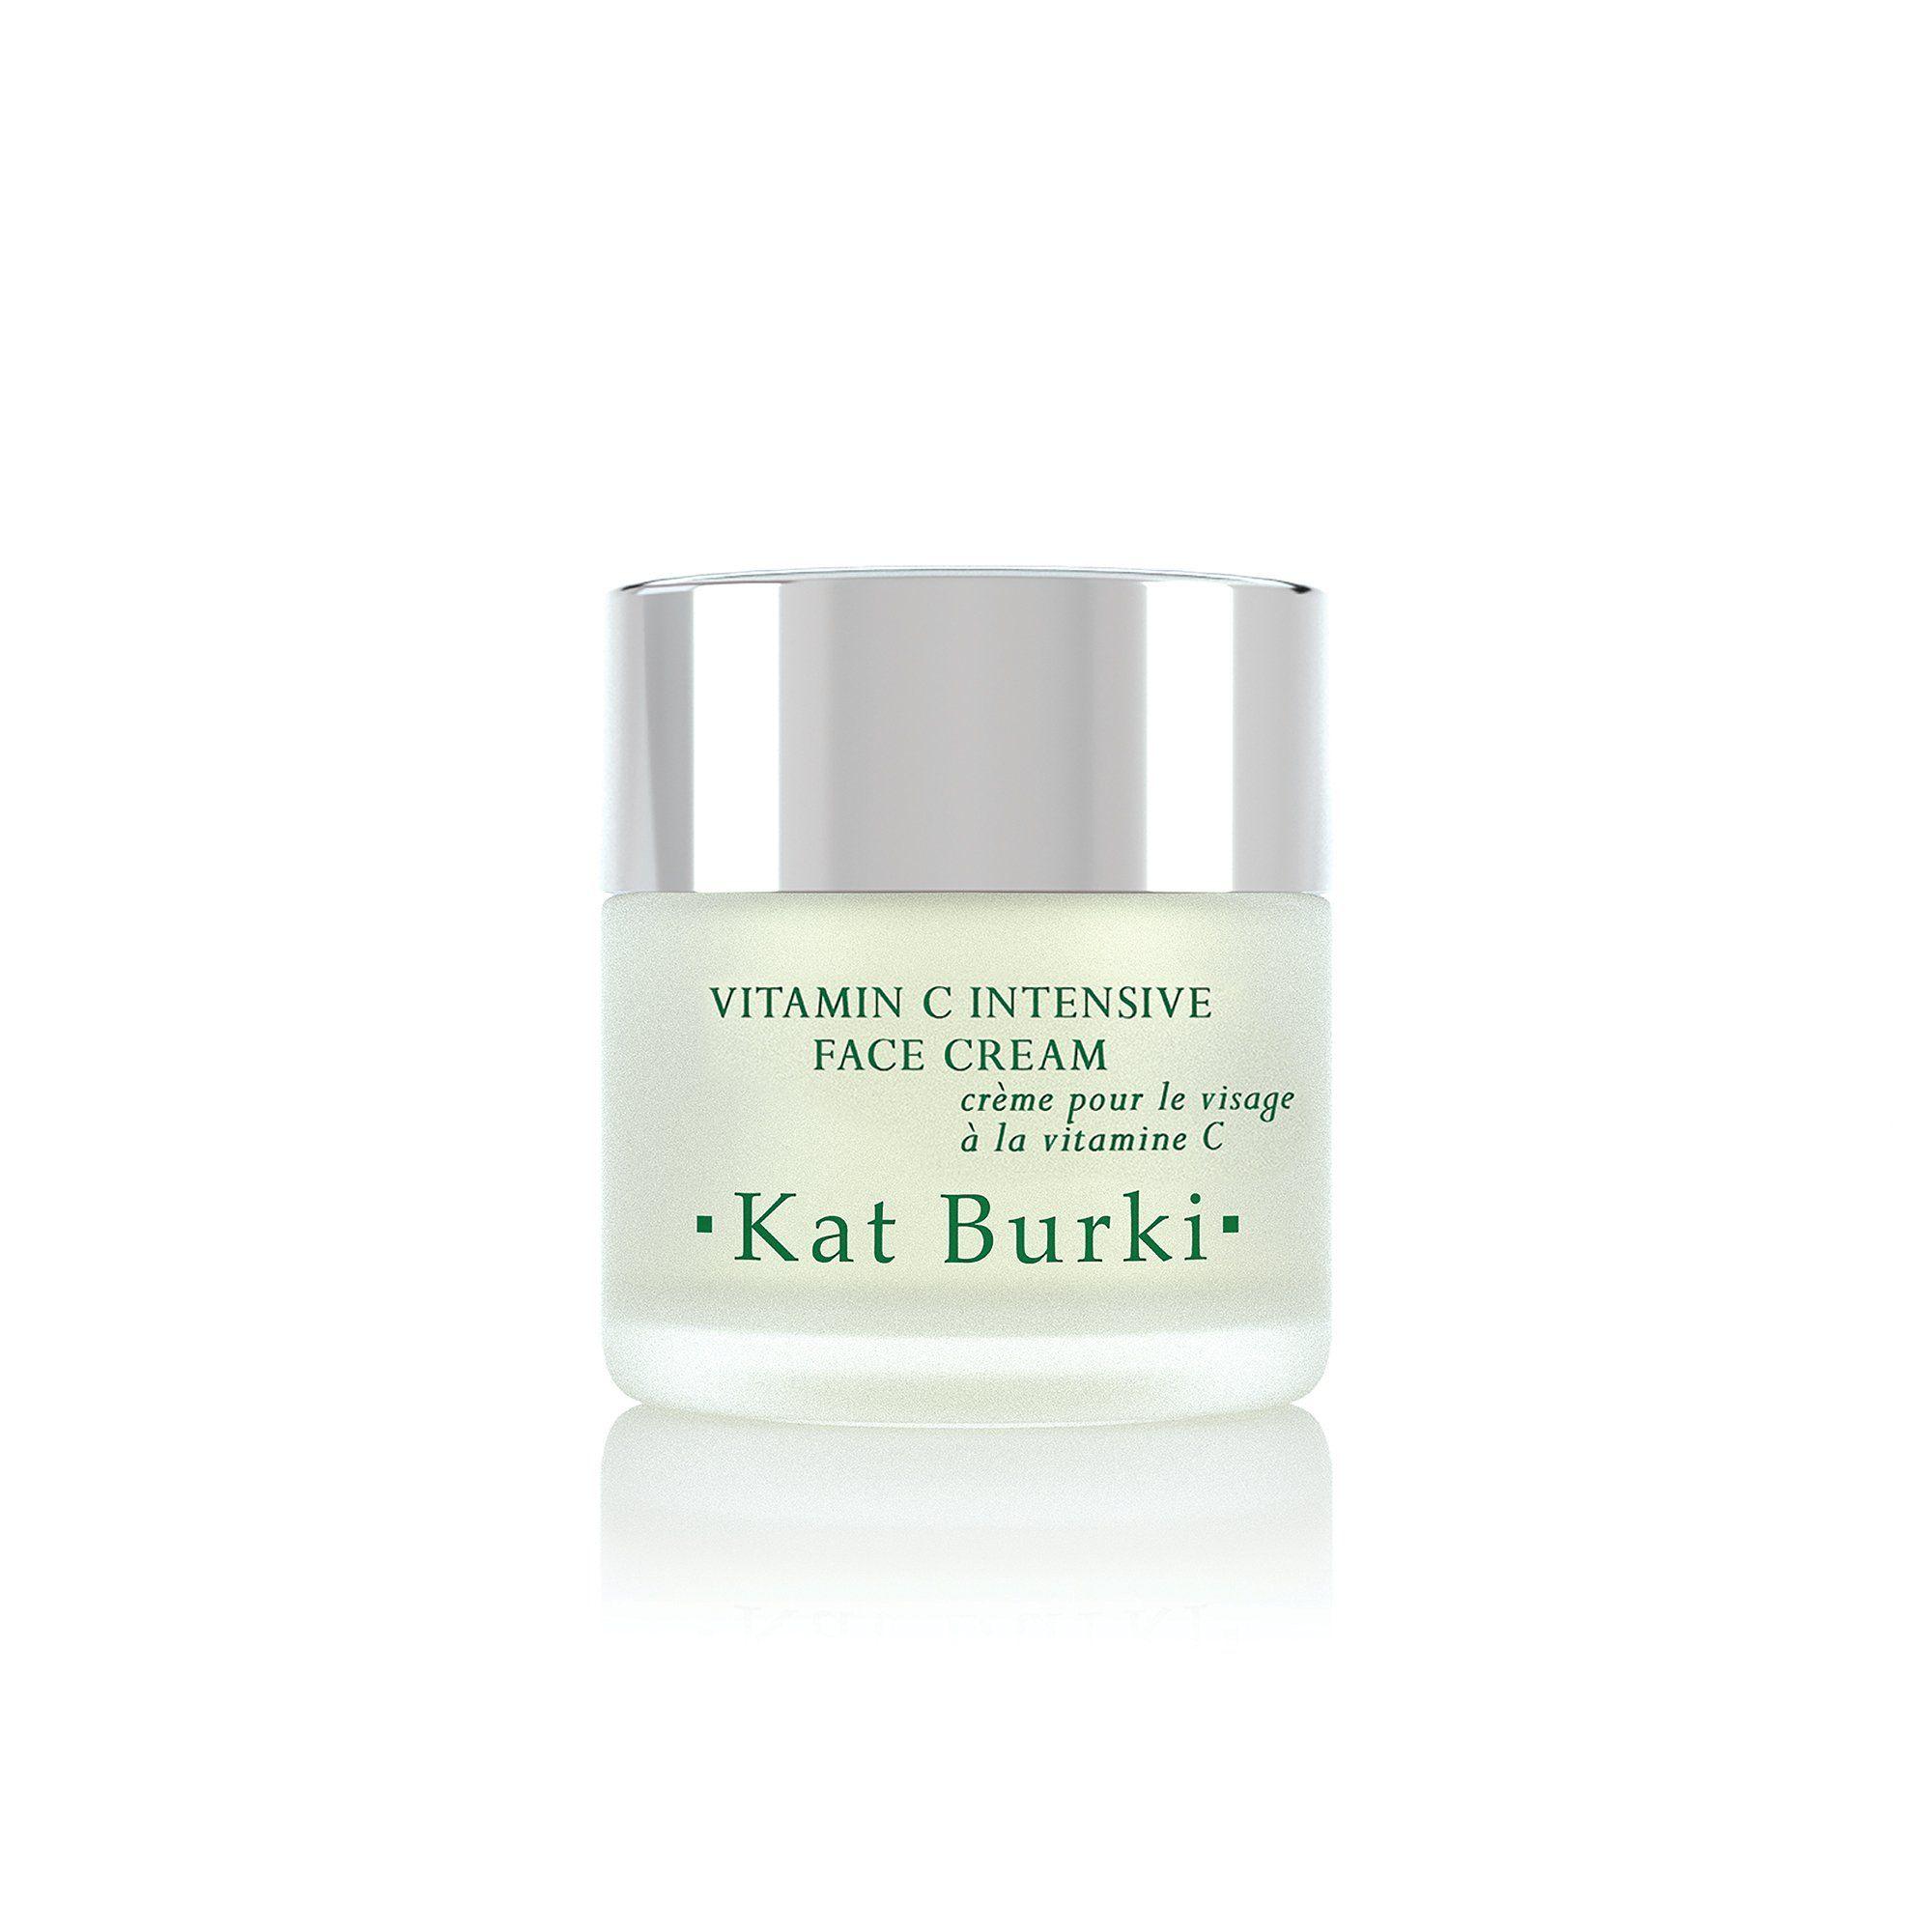 Vitamin C Intensive Face Cream in 2020 Face cream